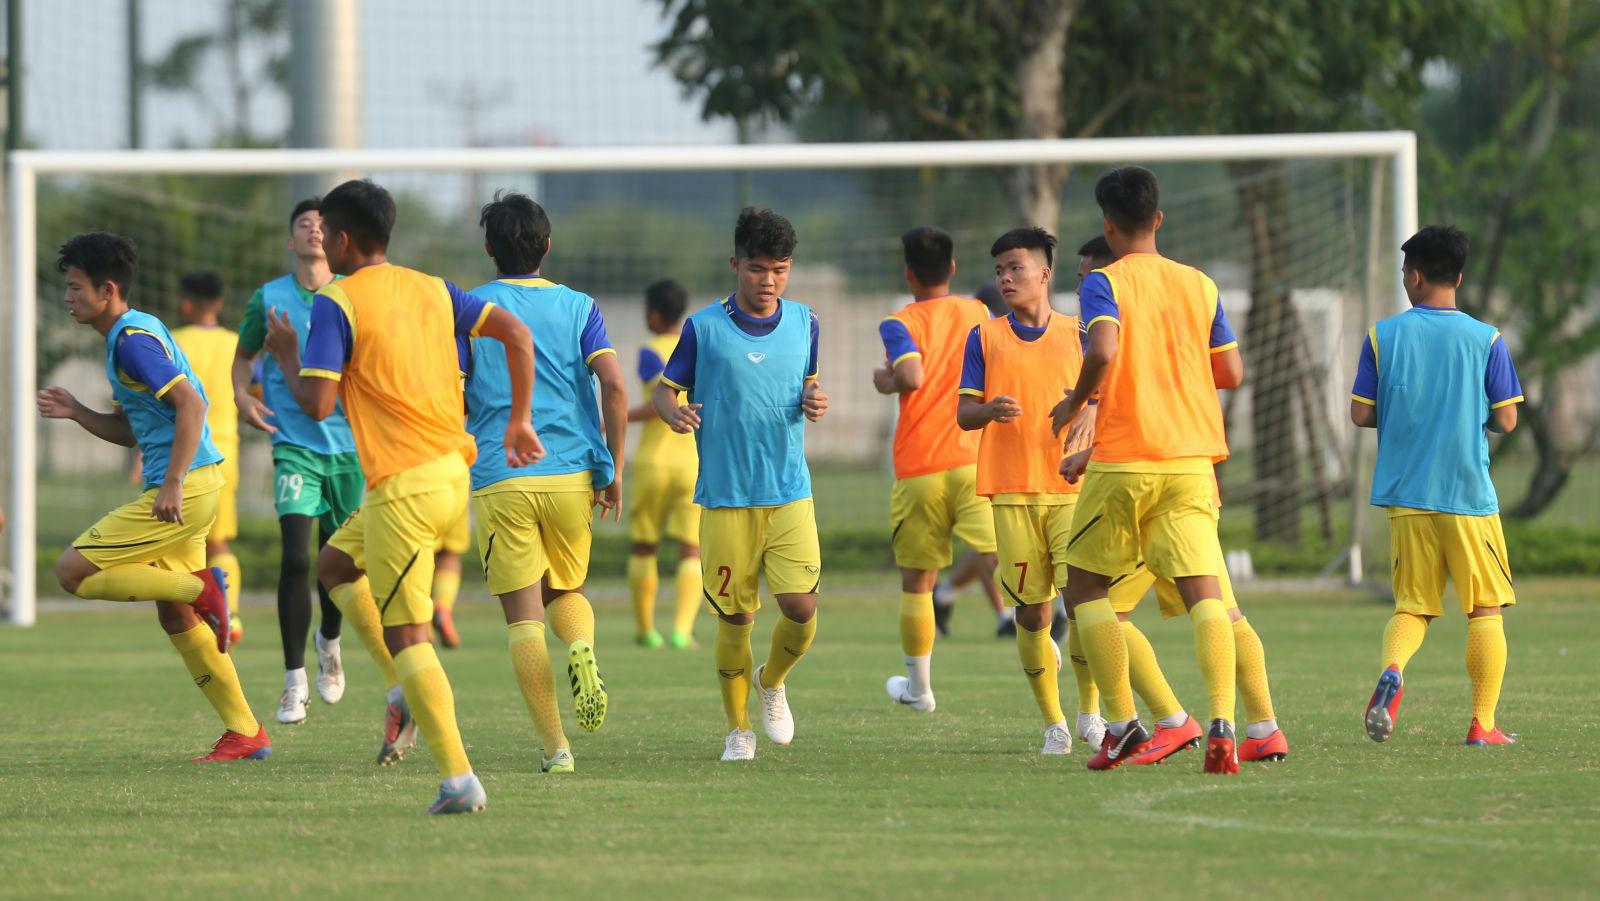 TRỰC TIẾP BÓNG ĐÁ: U19 Việt Nam vs U19 Mông Cổ (19h hôm nay), U19 châu Á 2020